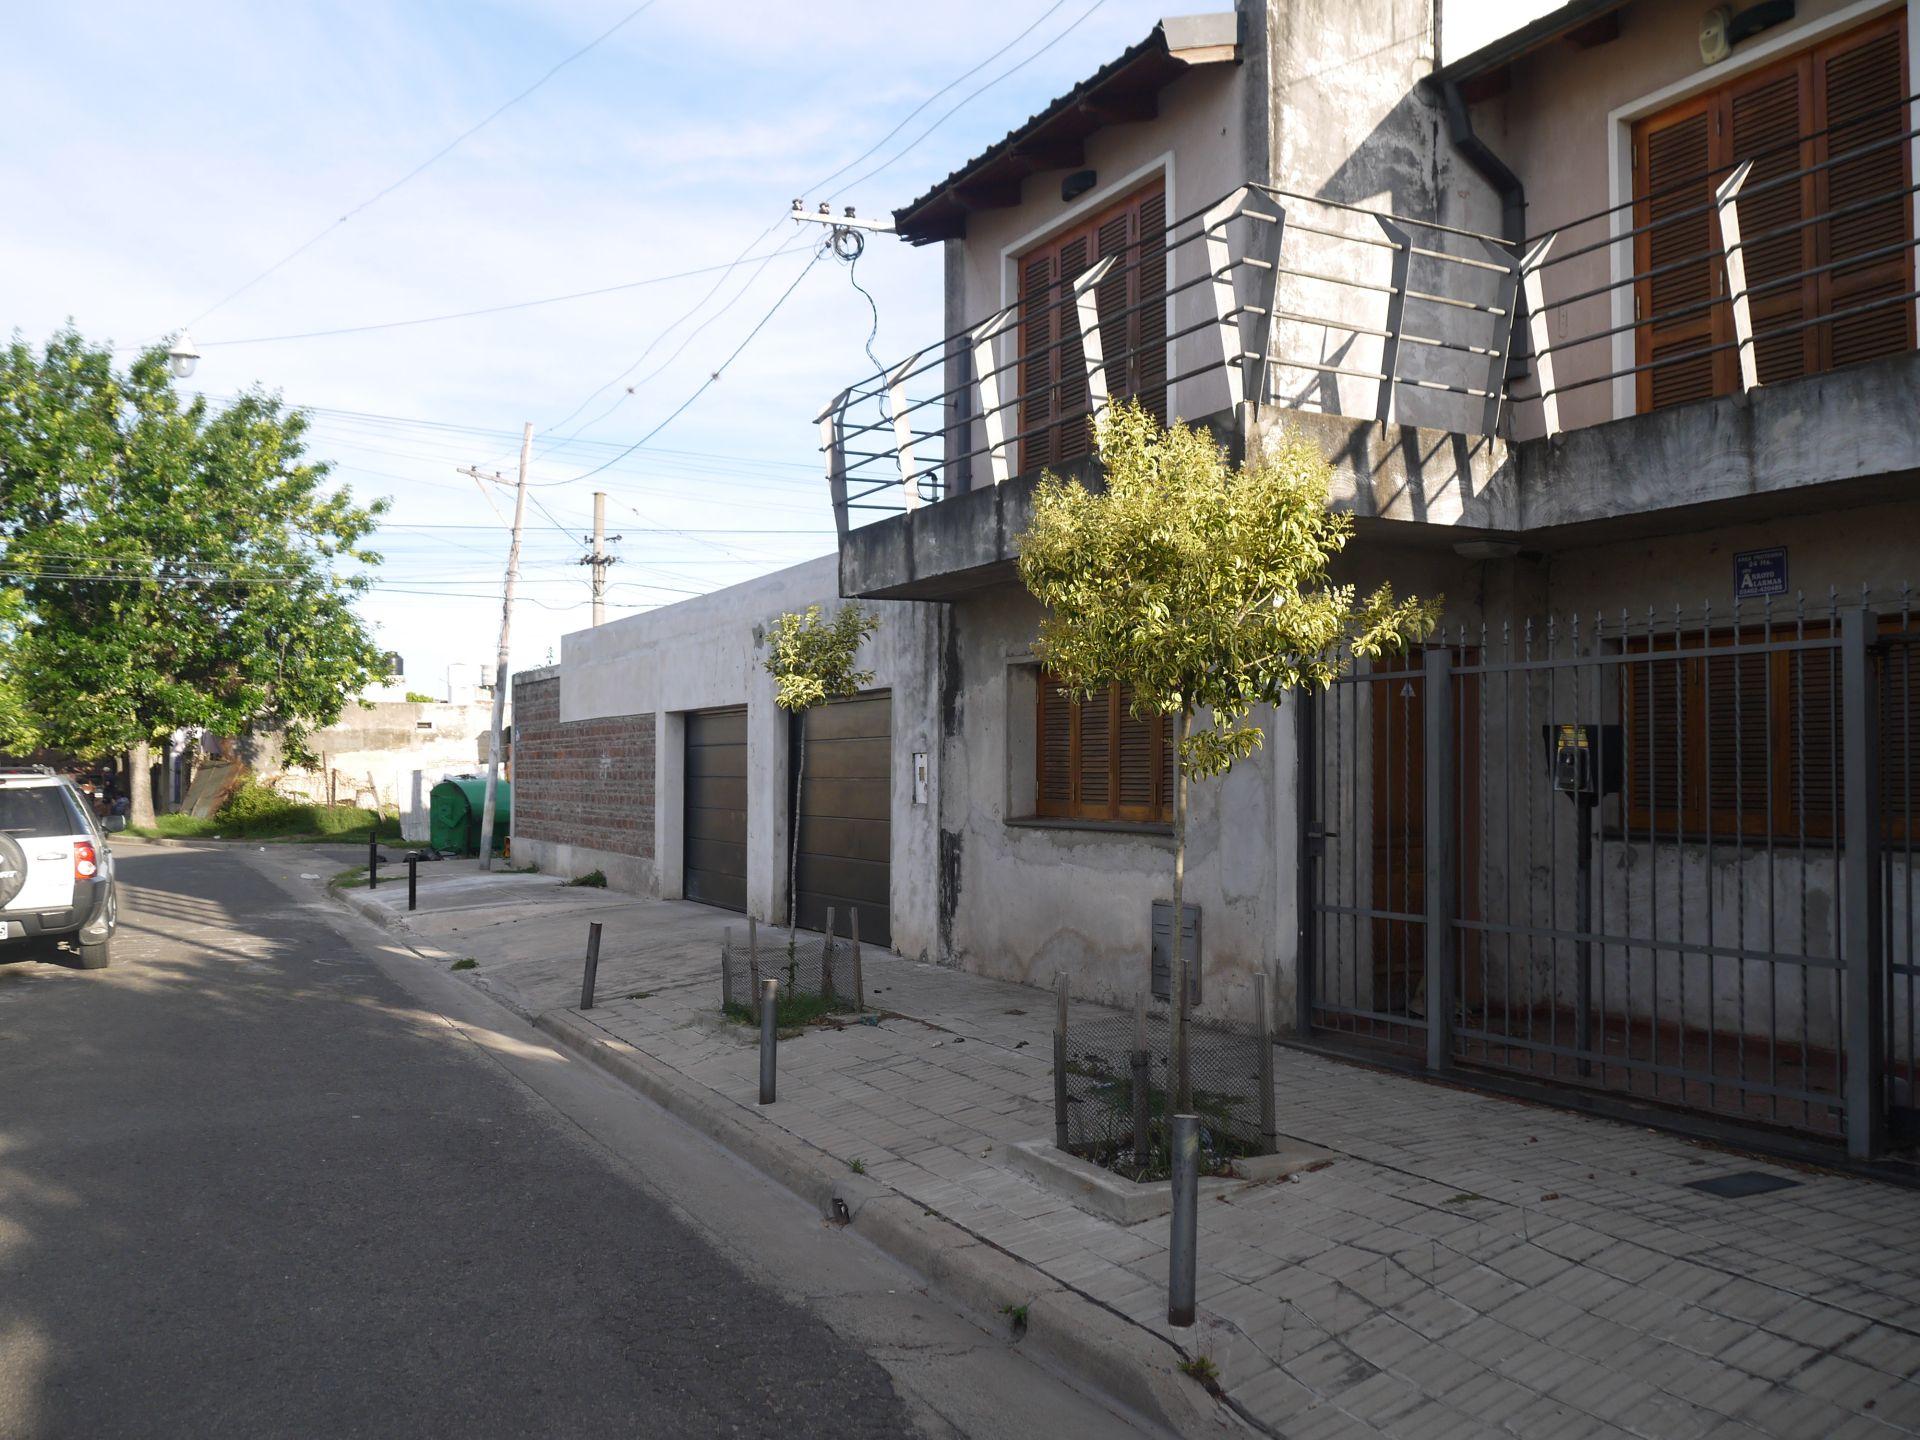 Dawny dom rodziny Messich w Rosario (fot. Intoamericas.com)